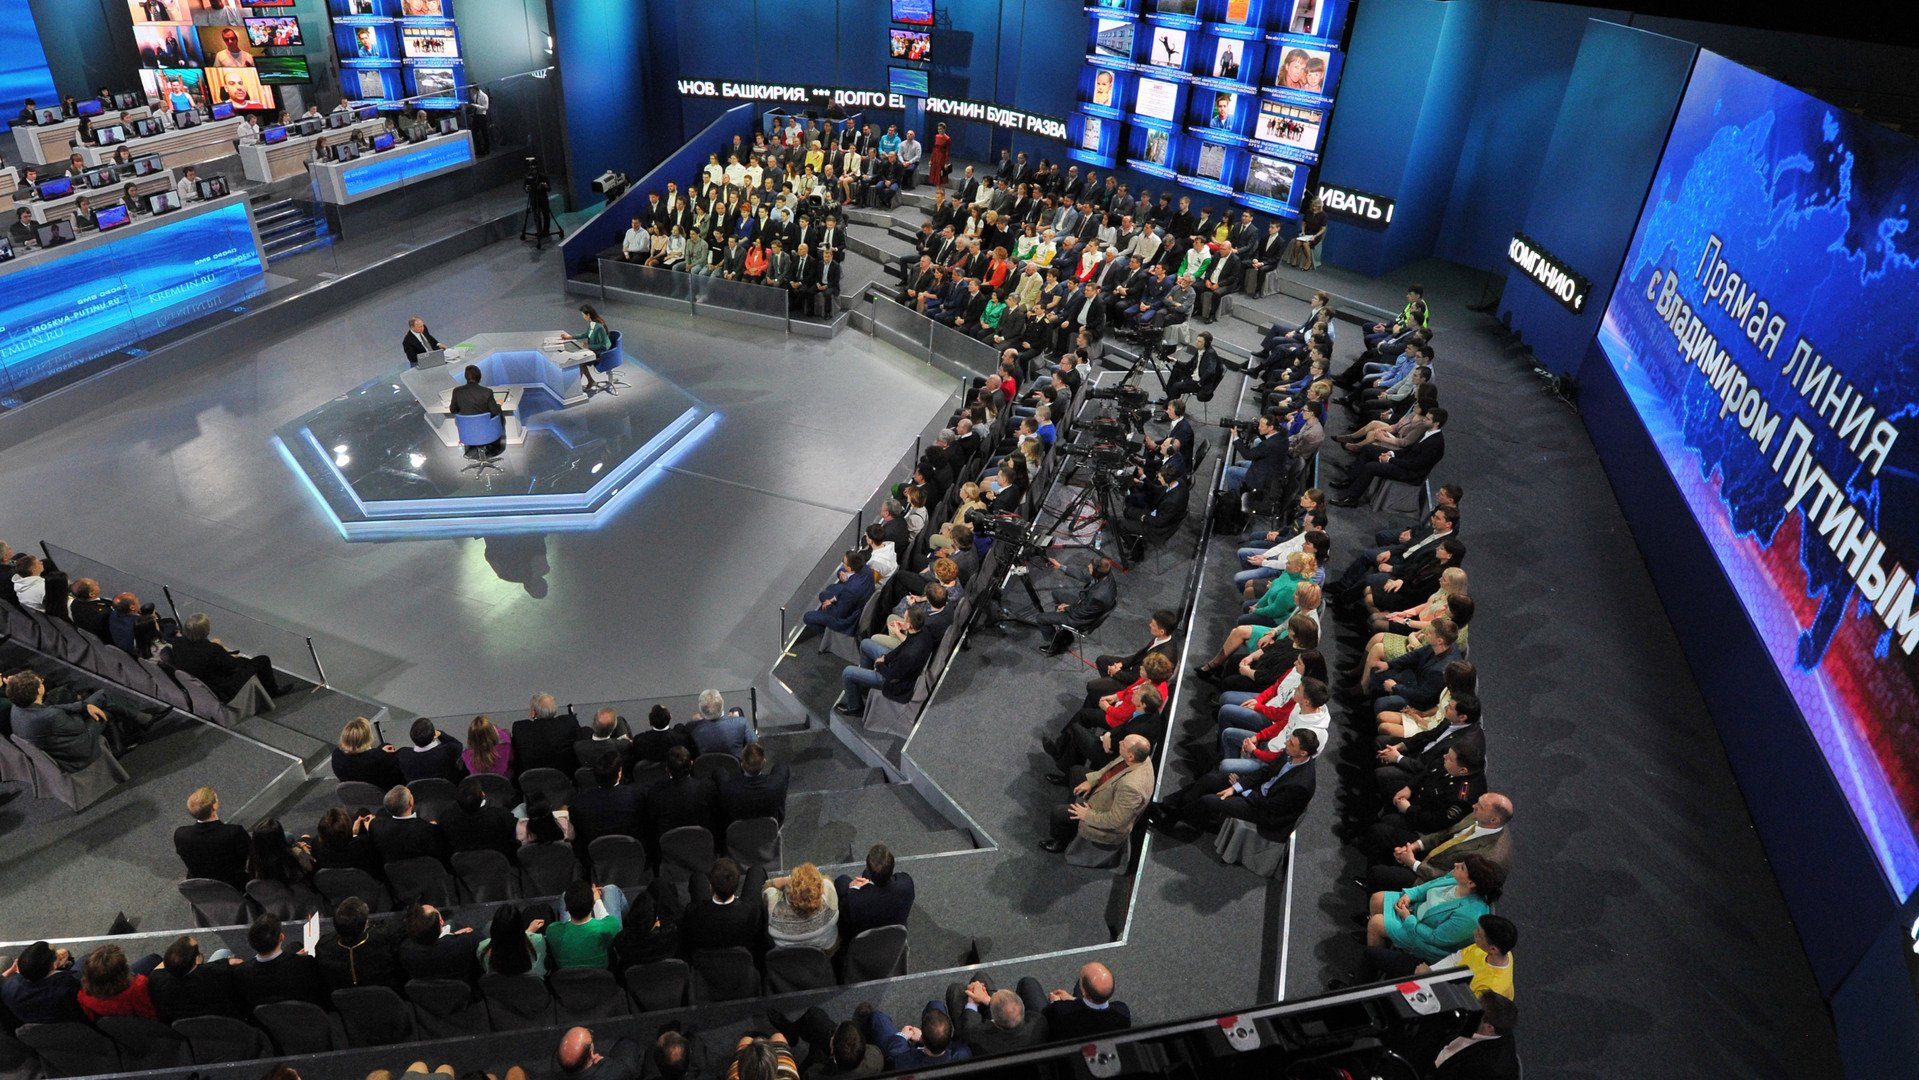 Poutine : je pars du principe que la direction actuelle de la France est de bonne foi